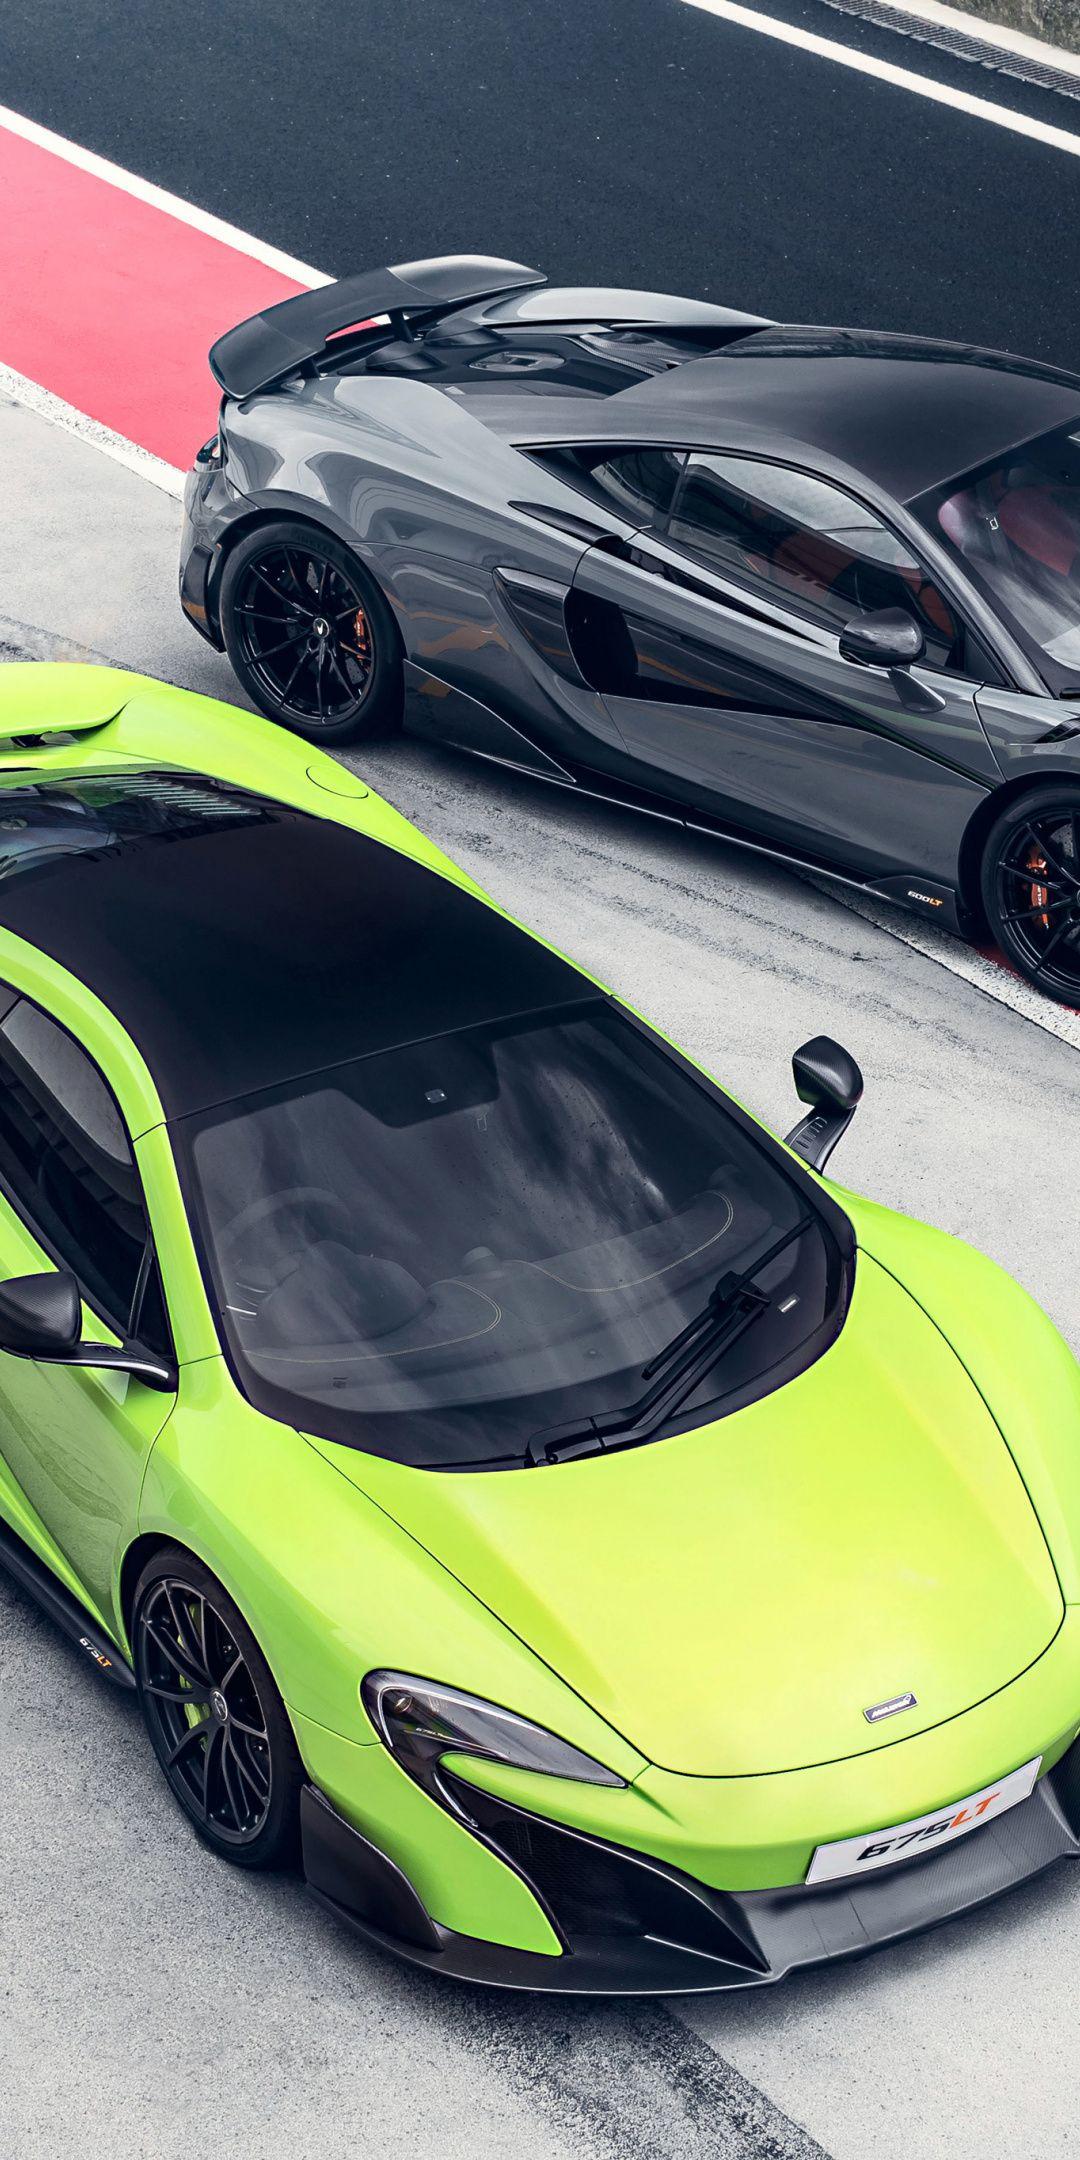 Mclaren 675lt Mclaren 600lt Sports Cars 1080x2160 Wallpaper Mclaren 675lt Mclaren 600lt Sports Cars